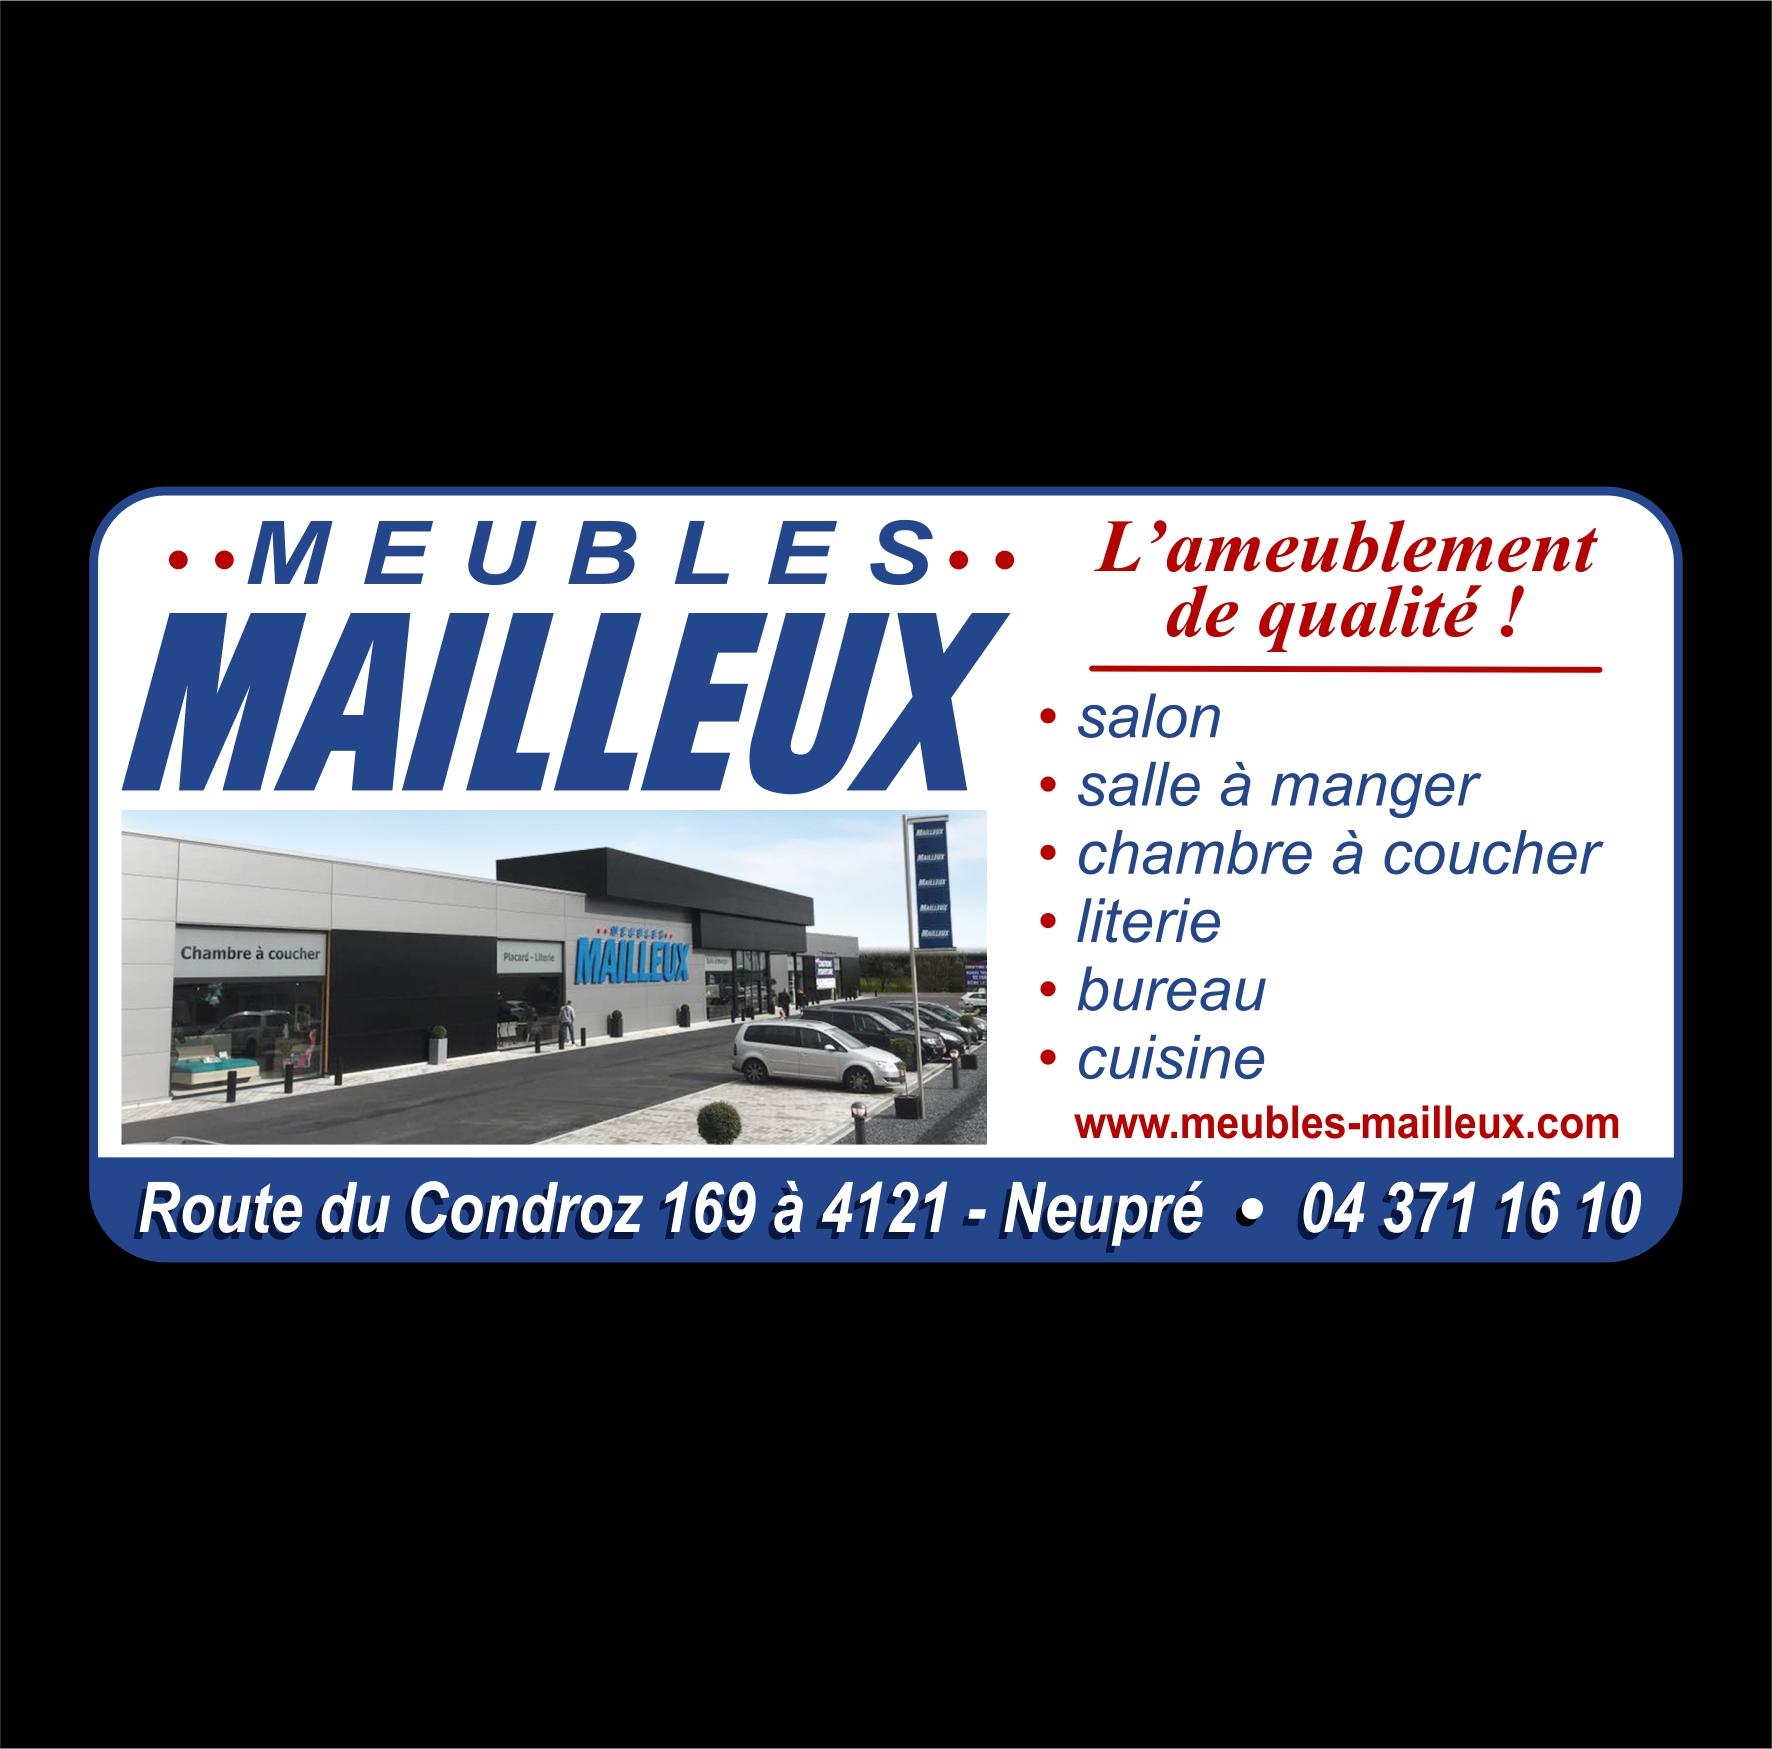 Meubles Mailleux Neupré